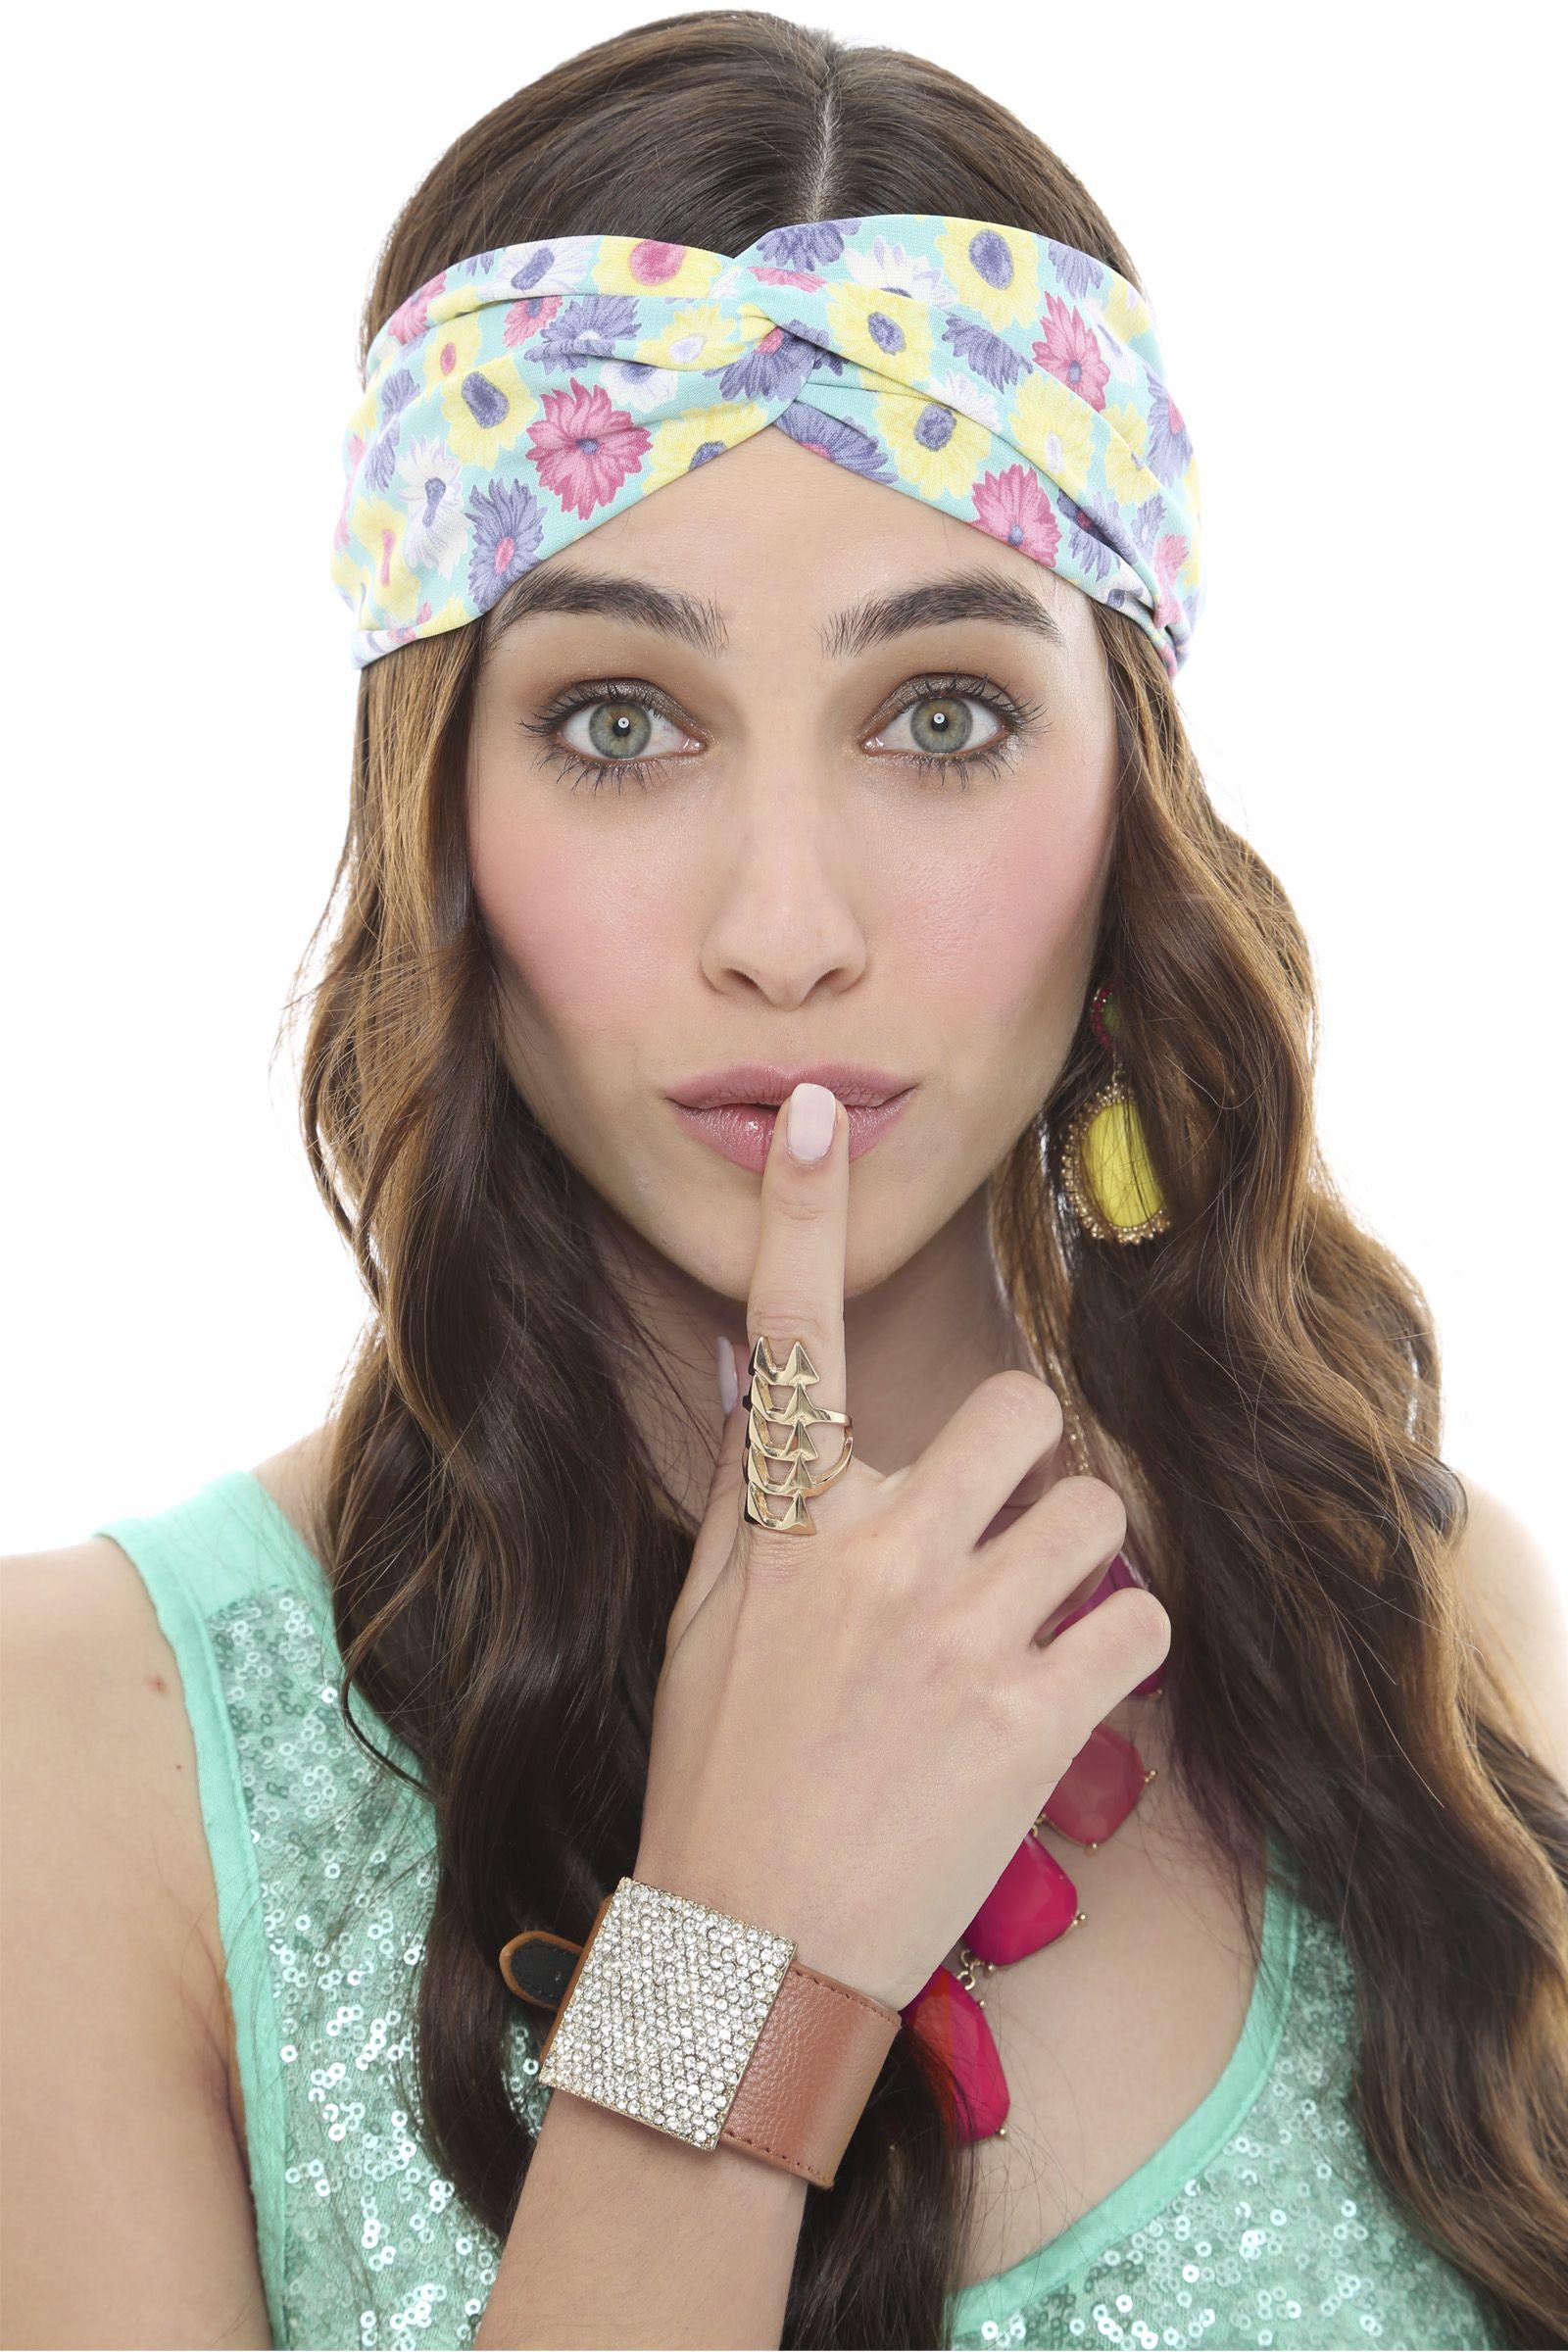 Shhhh... #love #headbands www.facebook.com/gatsbymargarita